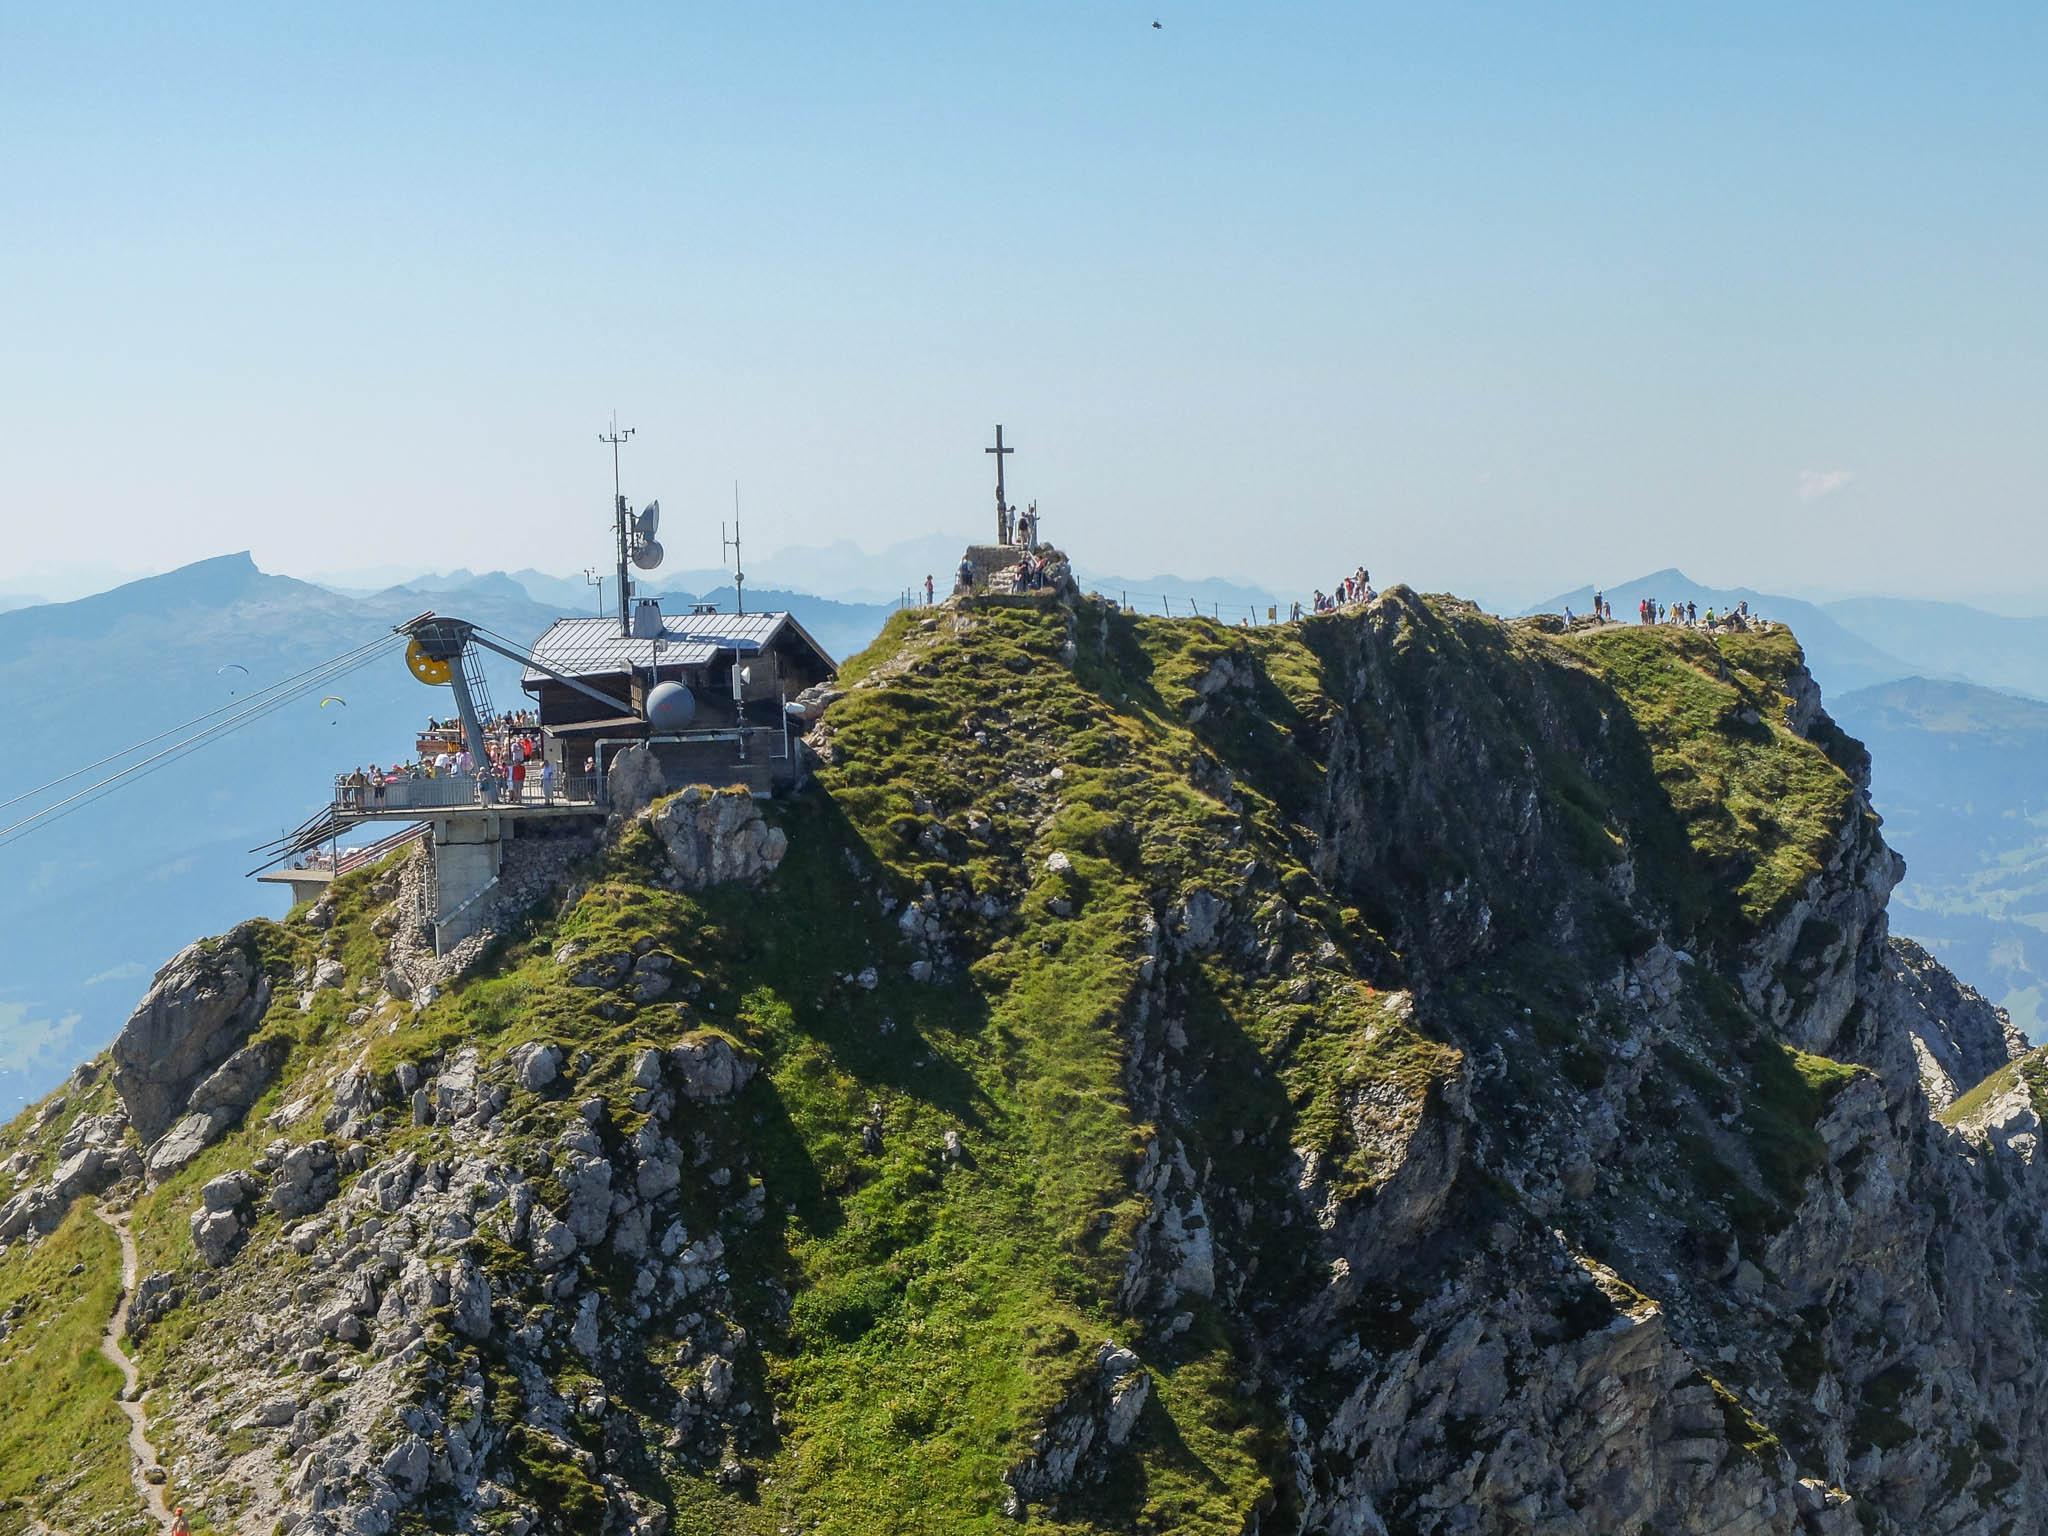 Hindelanger Klettersteig Ungesicherte Stellen : Hindelanger klettersteig wikiwand